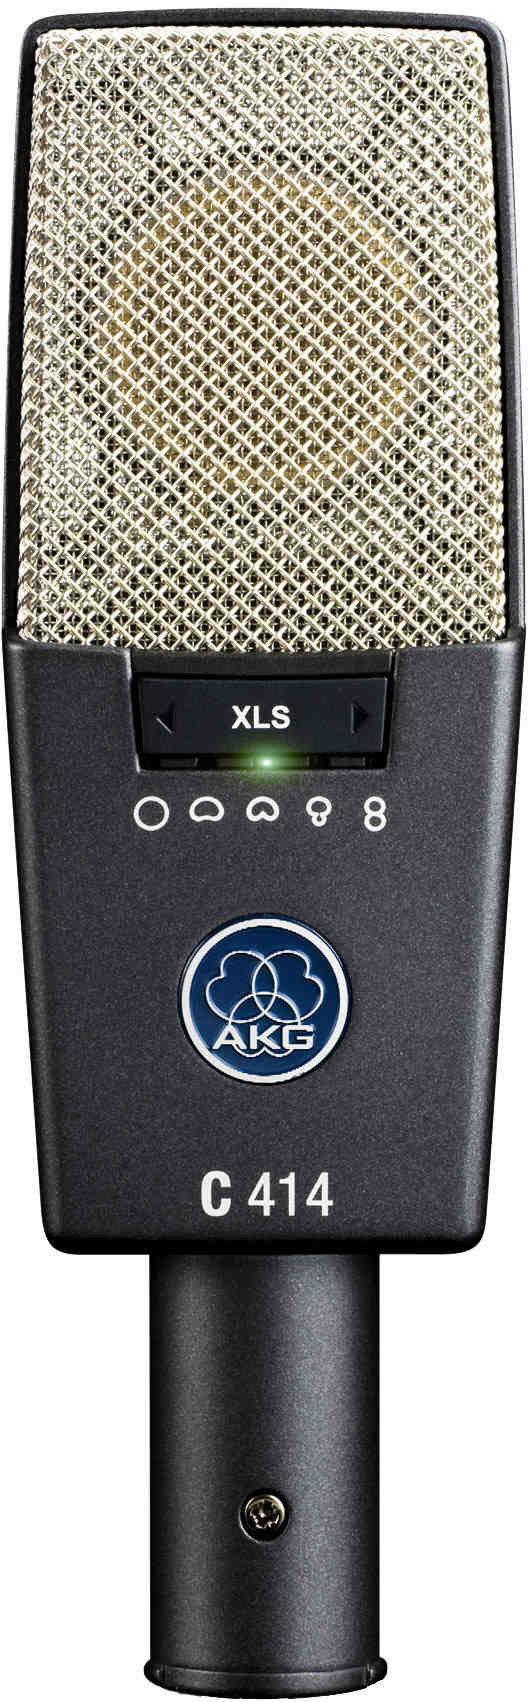 AKG C414 XLS - mikrofon pojemnościowy